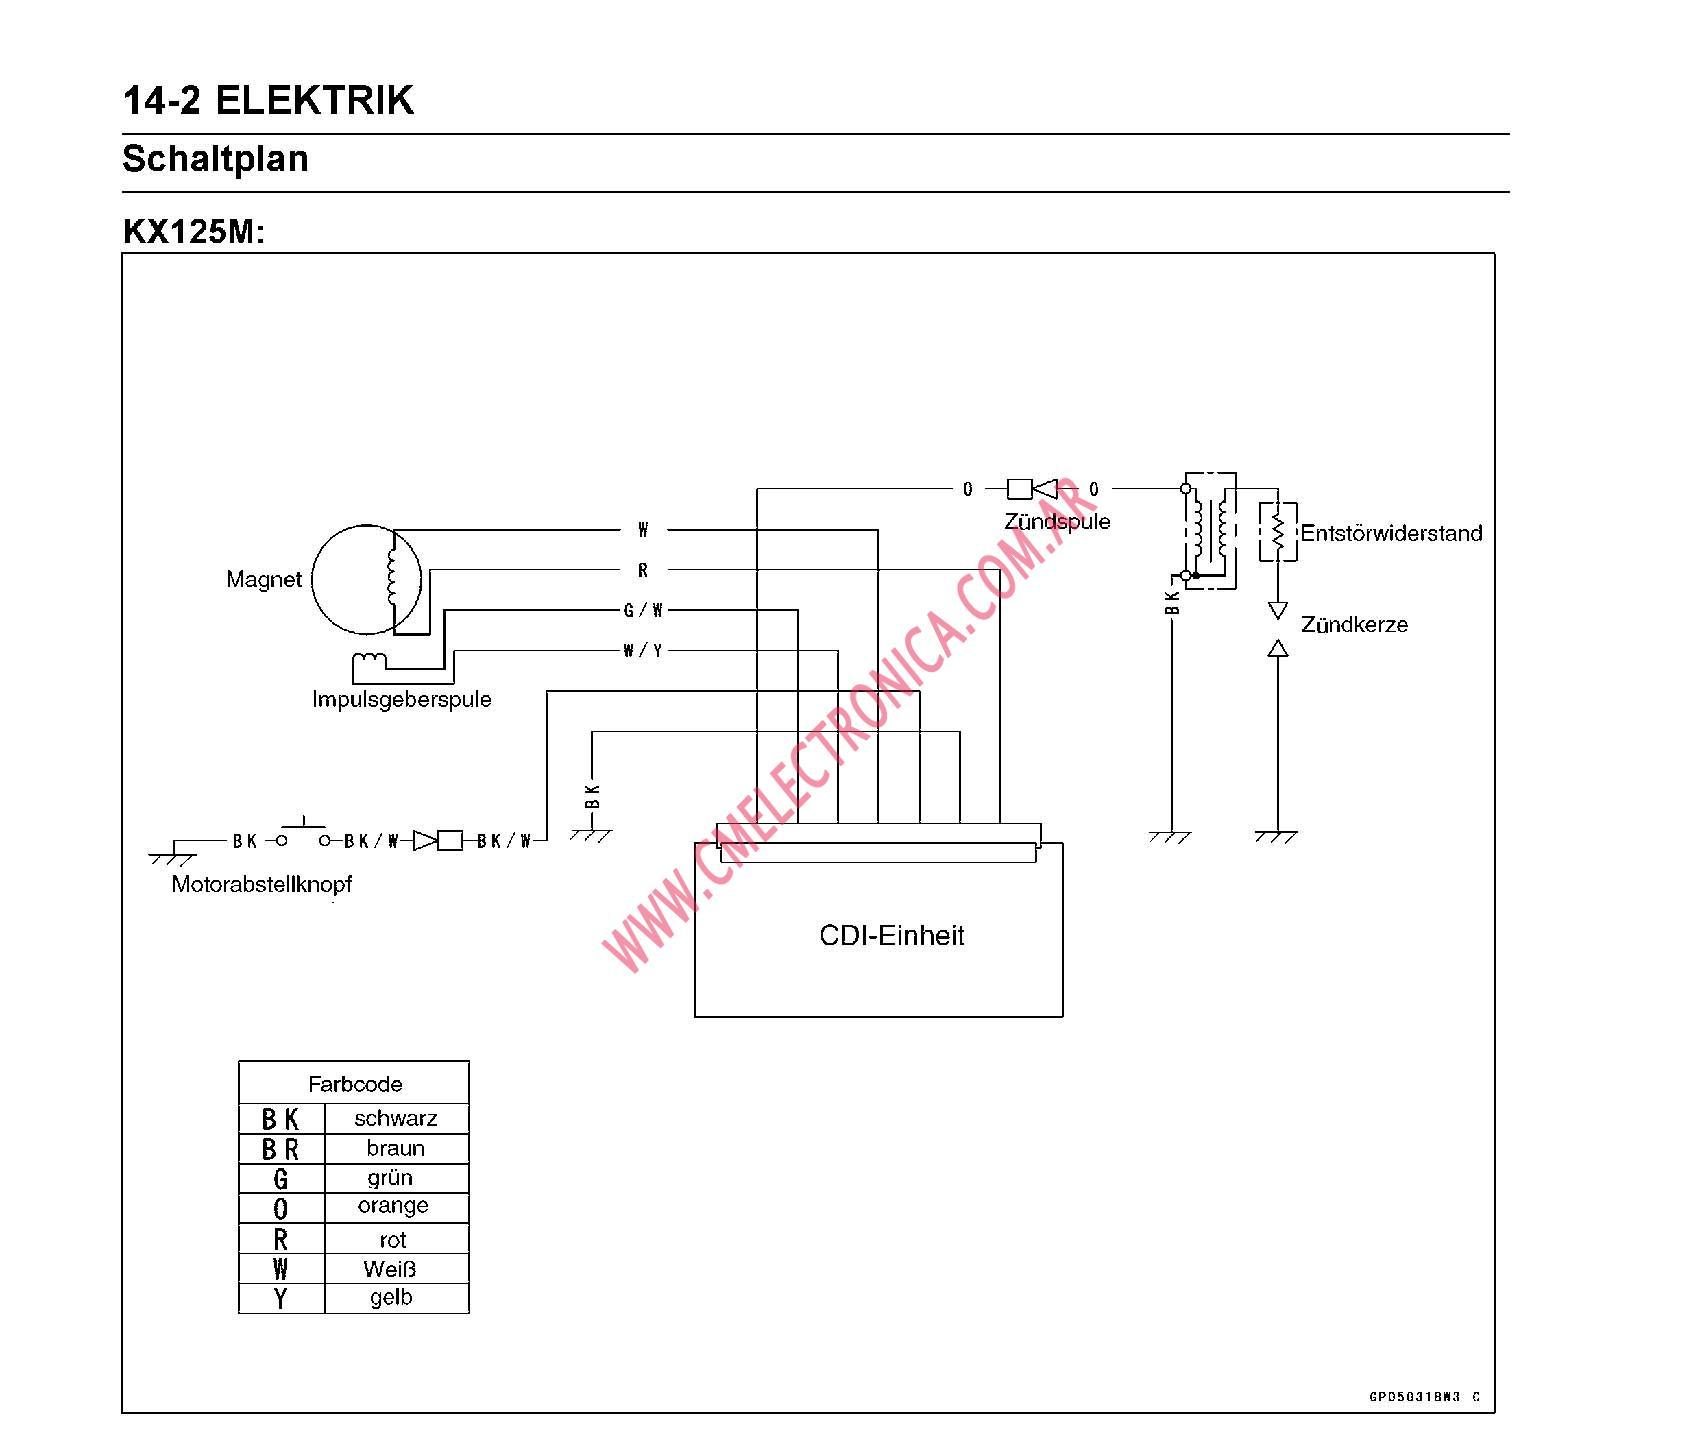 Isuzu Nqr Wiring Diagram Isuzu Trooper Wiring Diagram 04 Isuzu – Isuzu Nqr Wiring